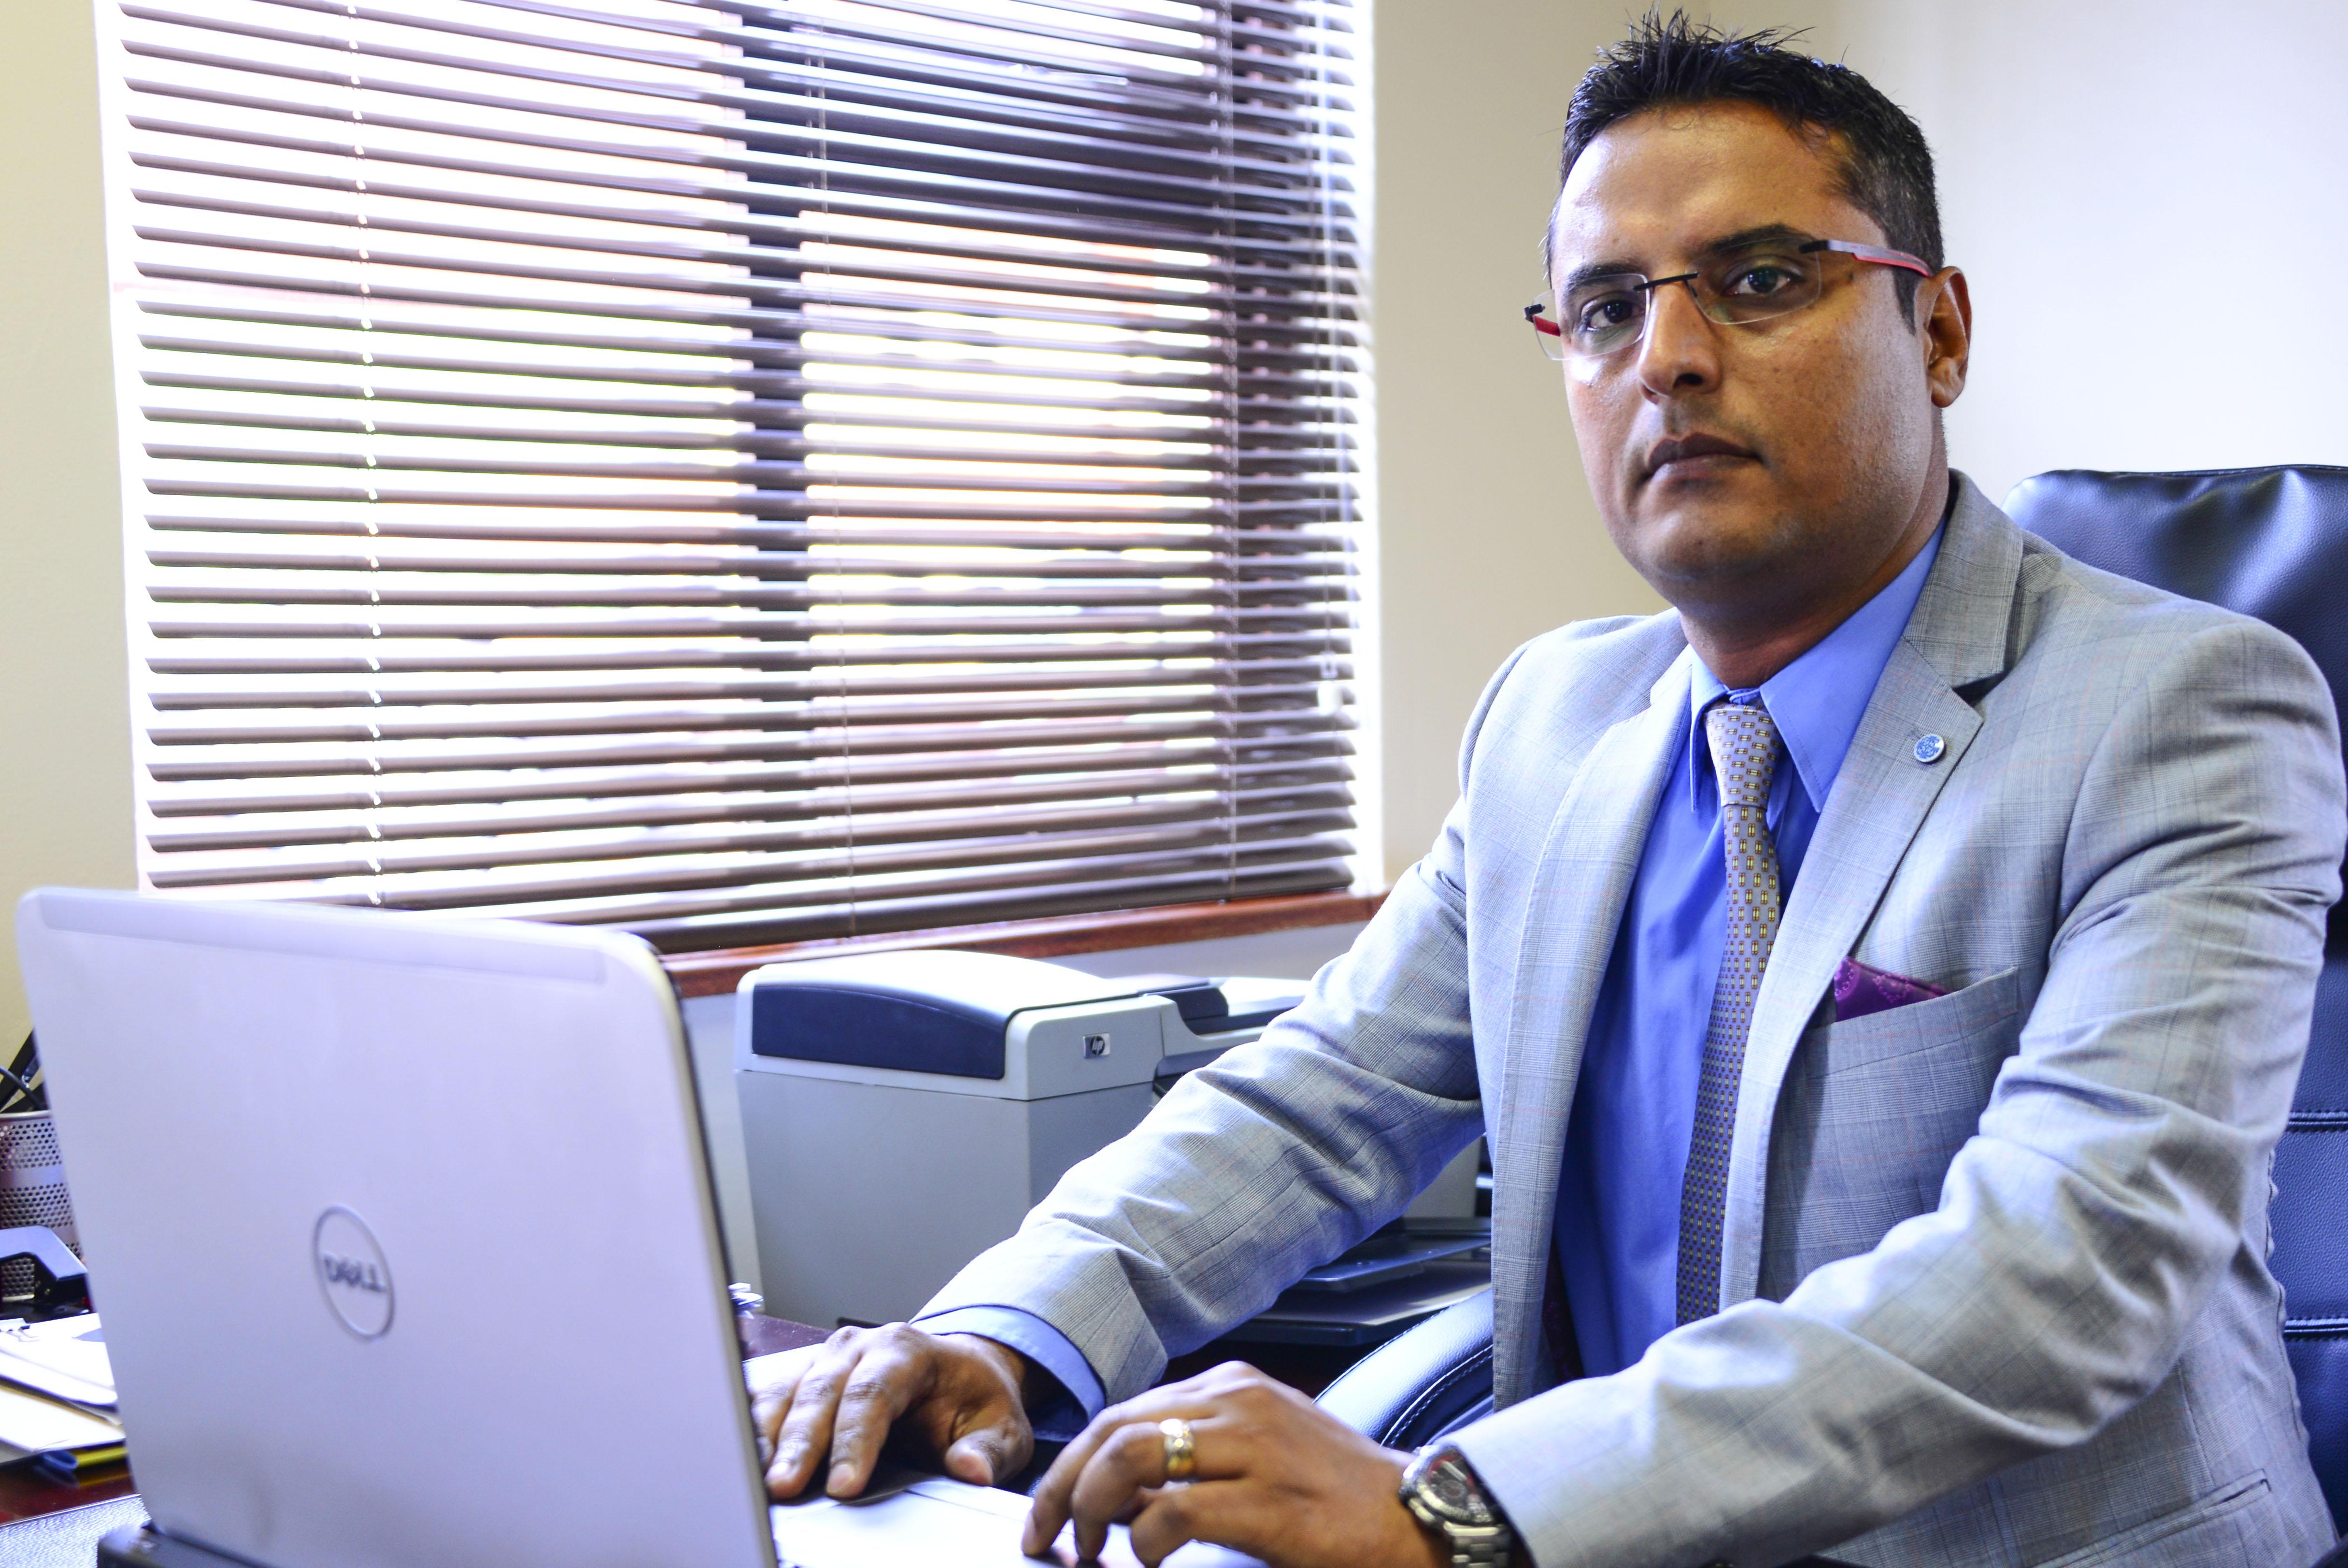 Profile – Salil Dhingra